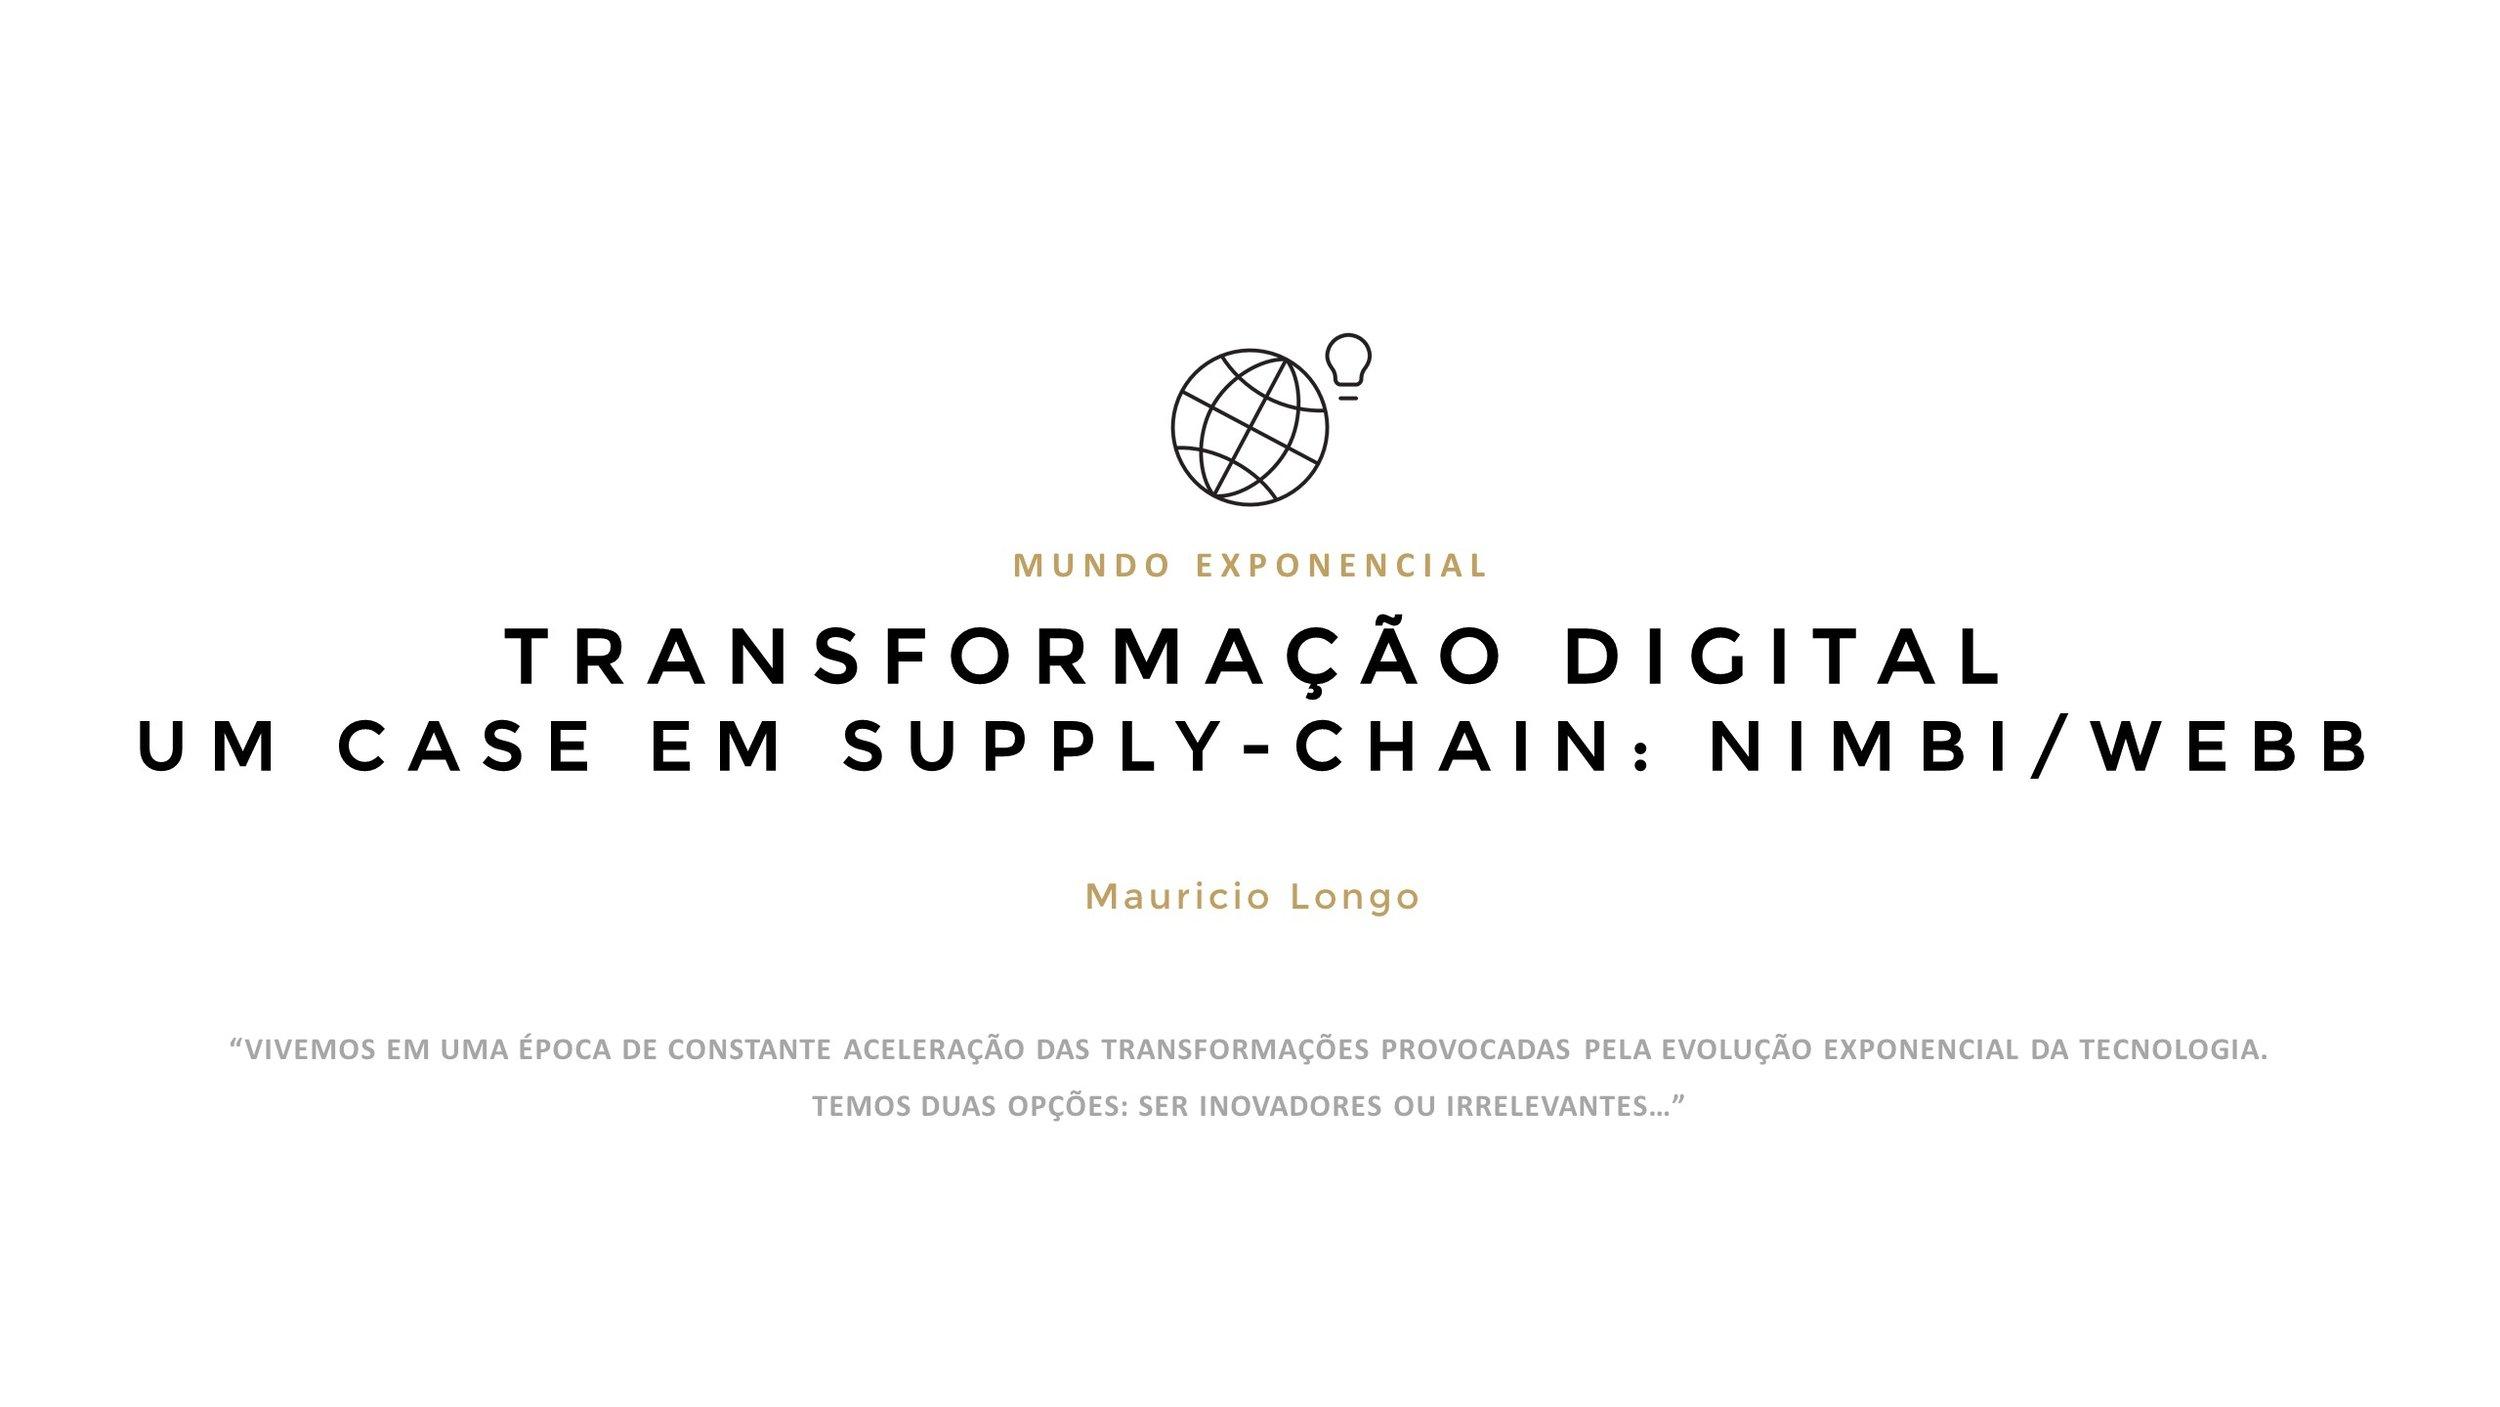 Transformação Digital - Case em Supply Chain.jpg